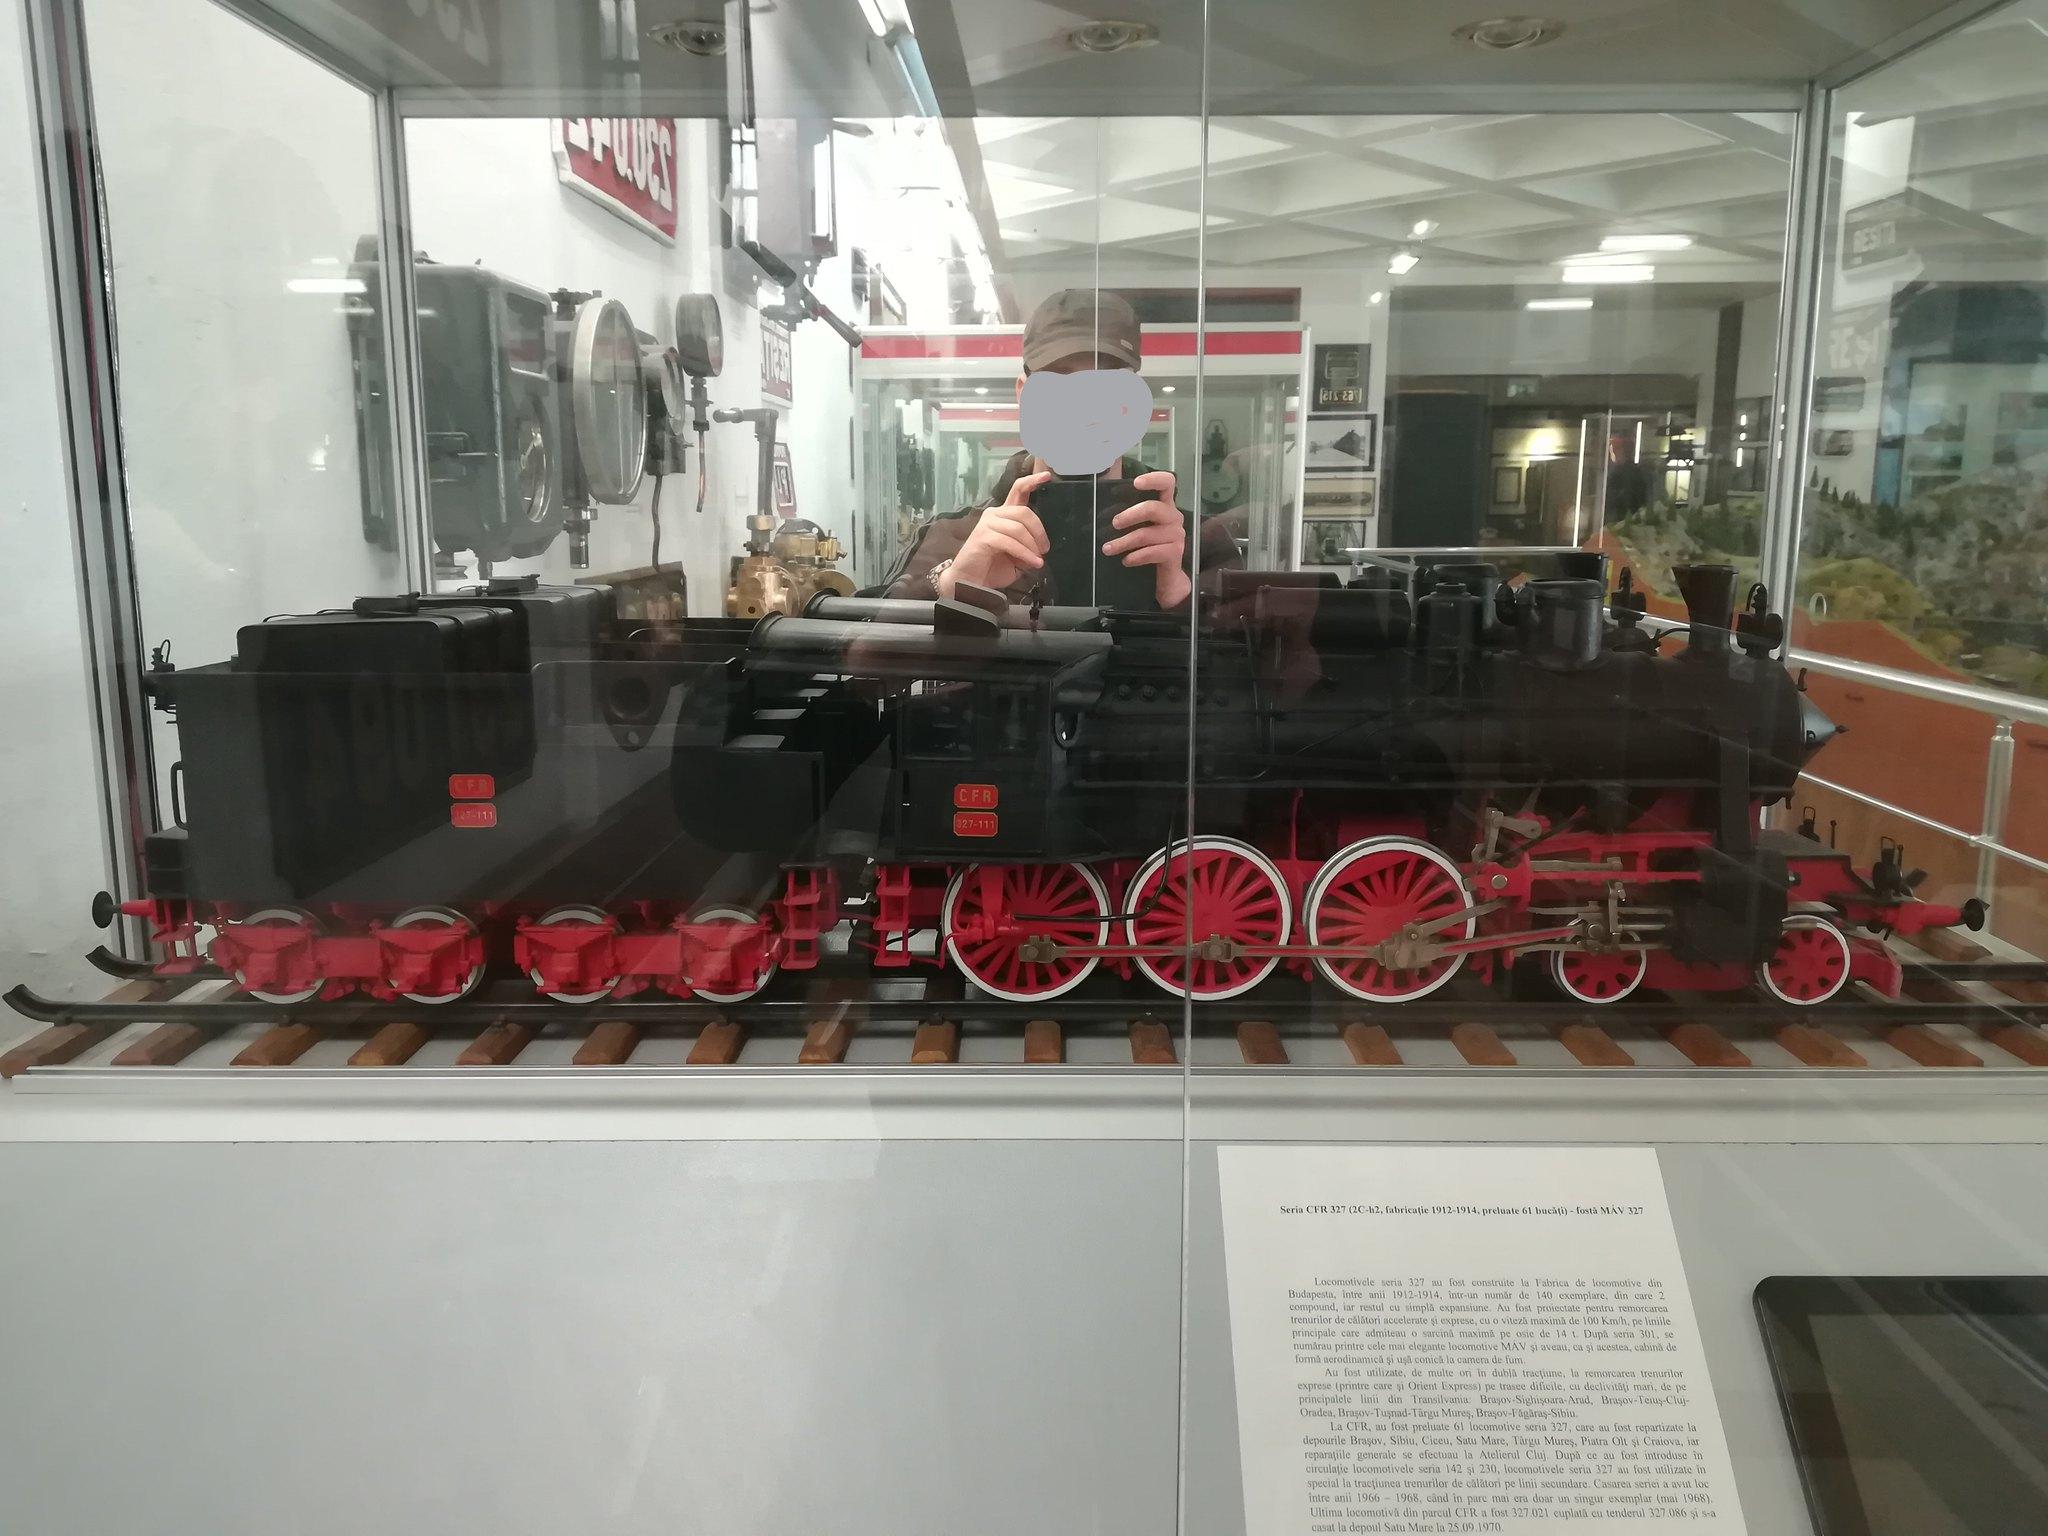 Reportaje feroviare Adirmvl - Pagina 21 49595562908_f0163837f3_k